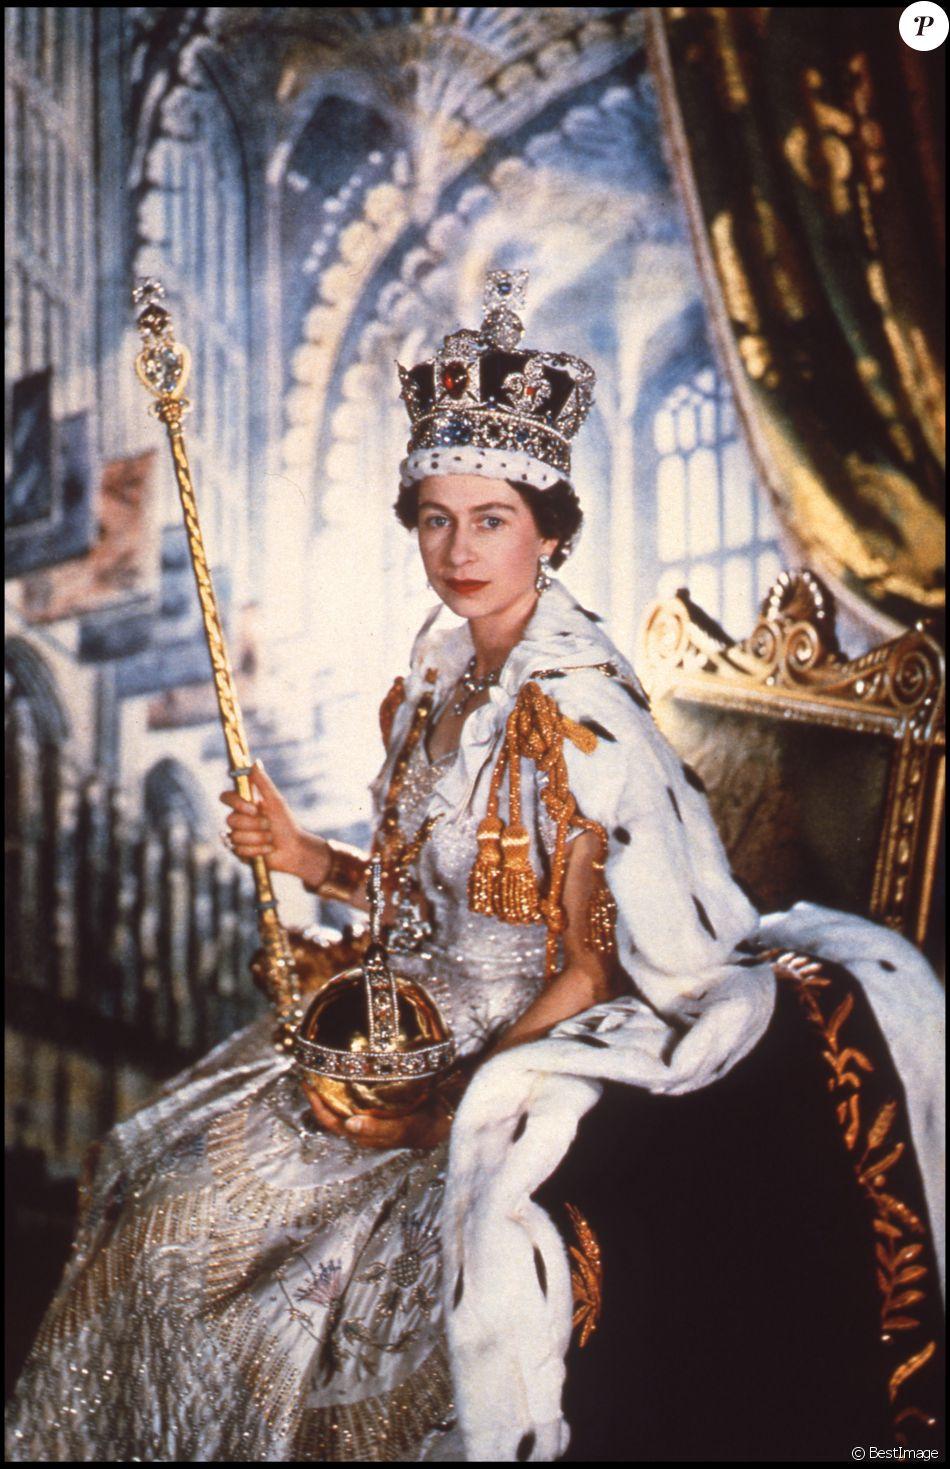 La reine Elisabeth II le jour de son couronnement, avec les attributs du monarque (le sceptre, l'orbe et la couronne de St Edward), le 2 juin 1953 en l'abbaye de Westminster. The Crown, série originale Netflix, revisite ce moment historique dans sa première saison, maintenant disponible.